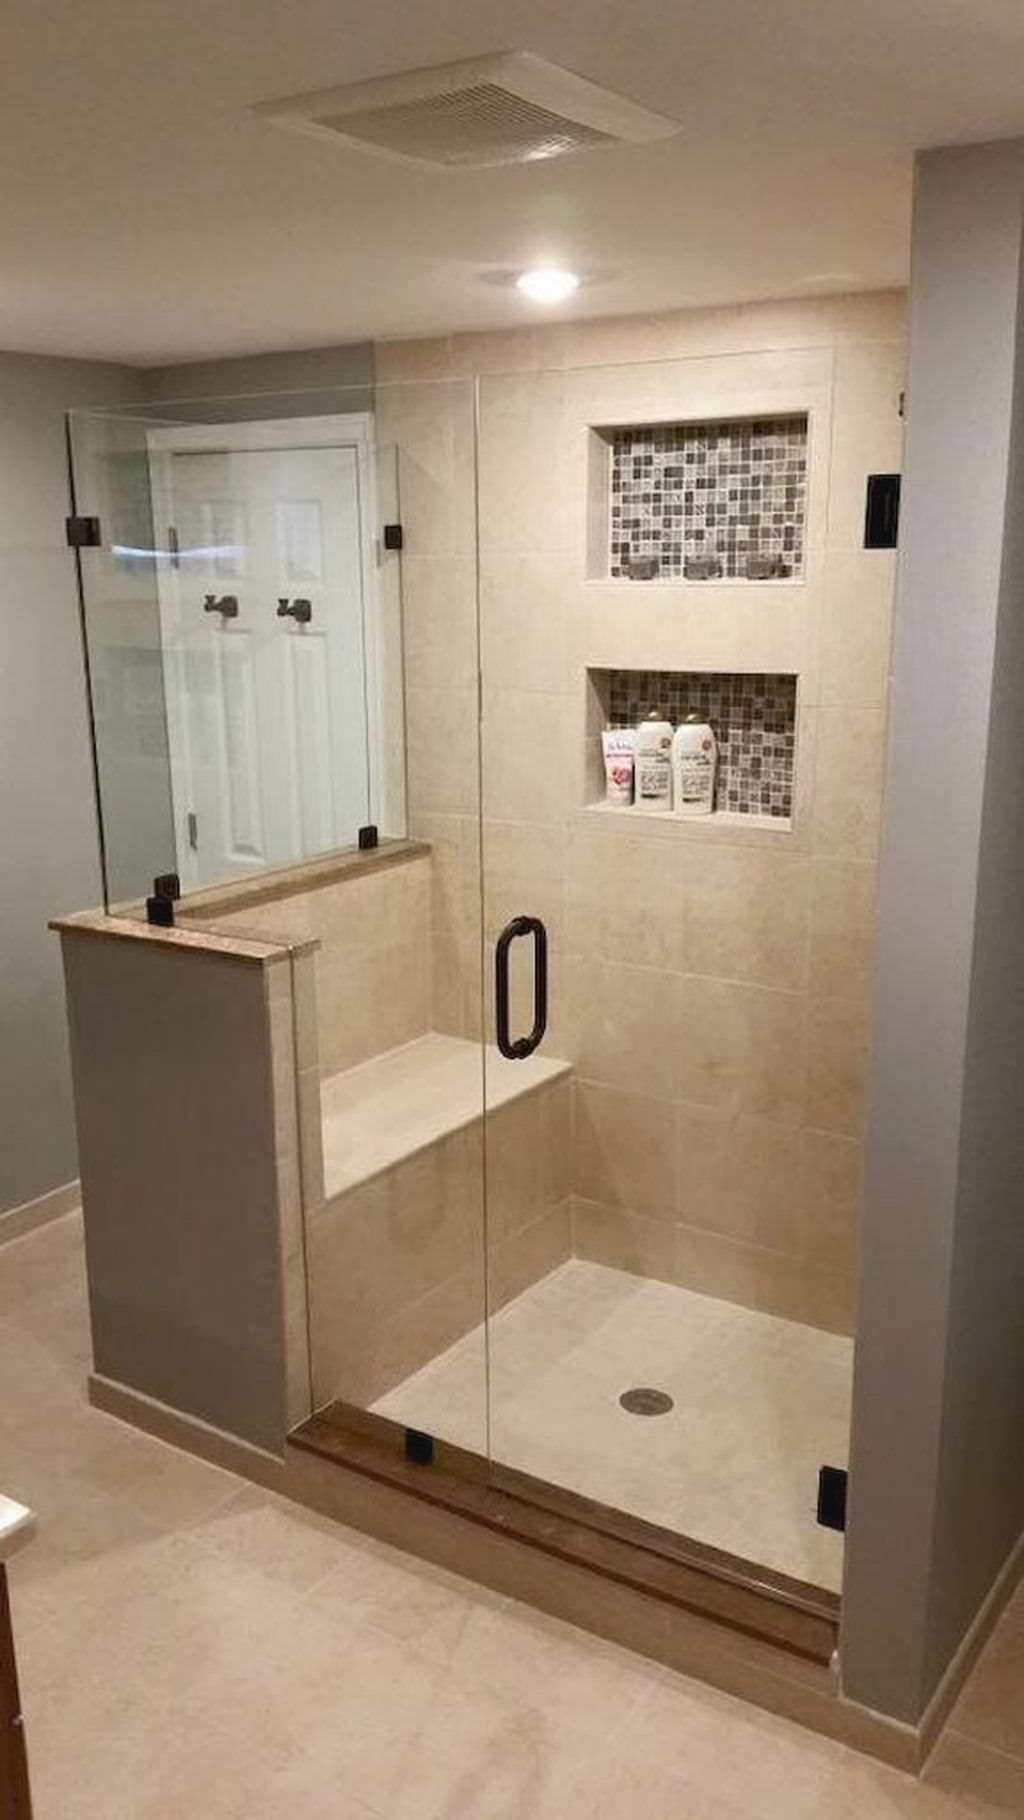 Arredamento Bagno Moderno E Classico.50 Idee Bagni In Muratura Stile Moderno Classico E Rustico